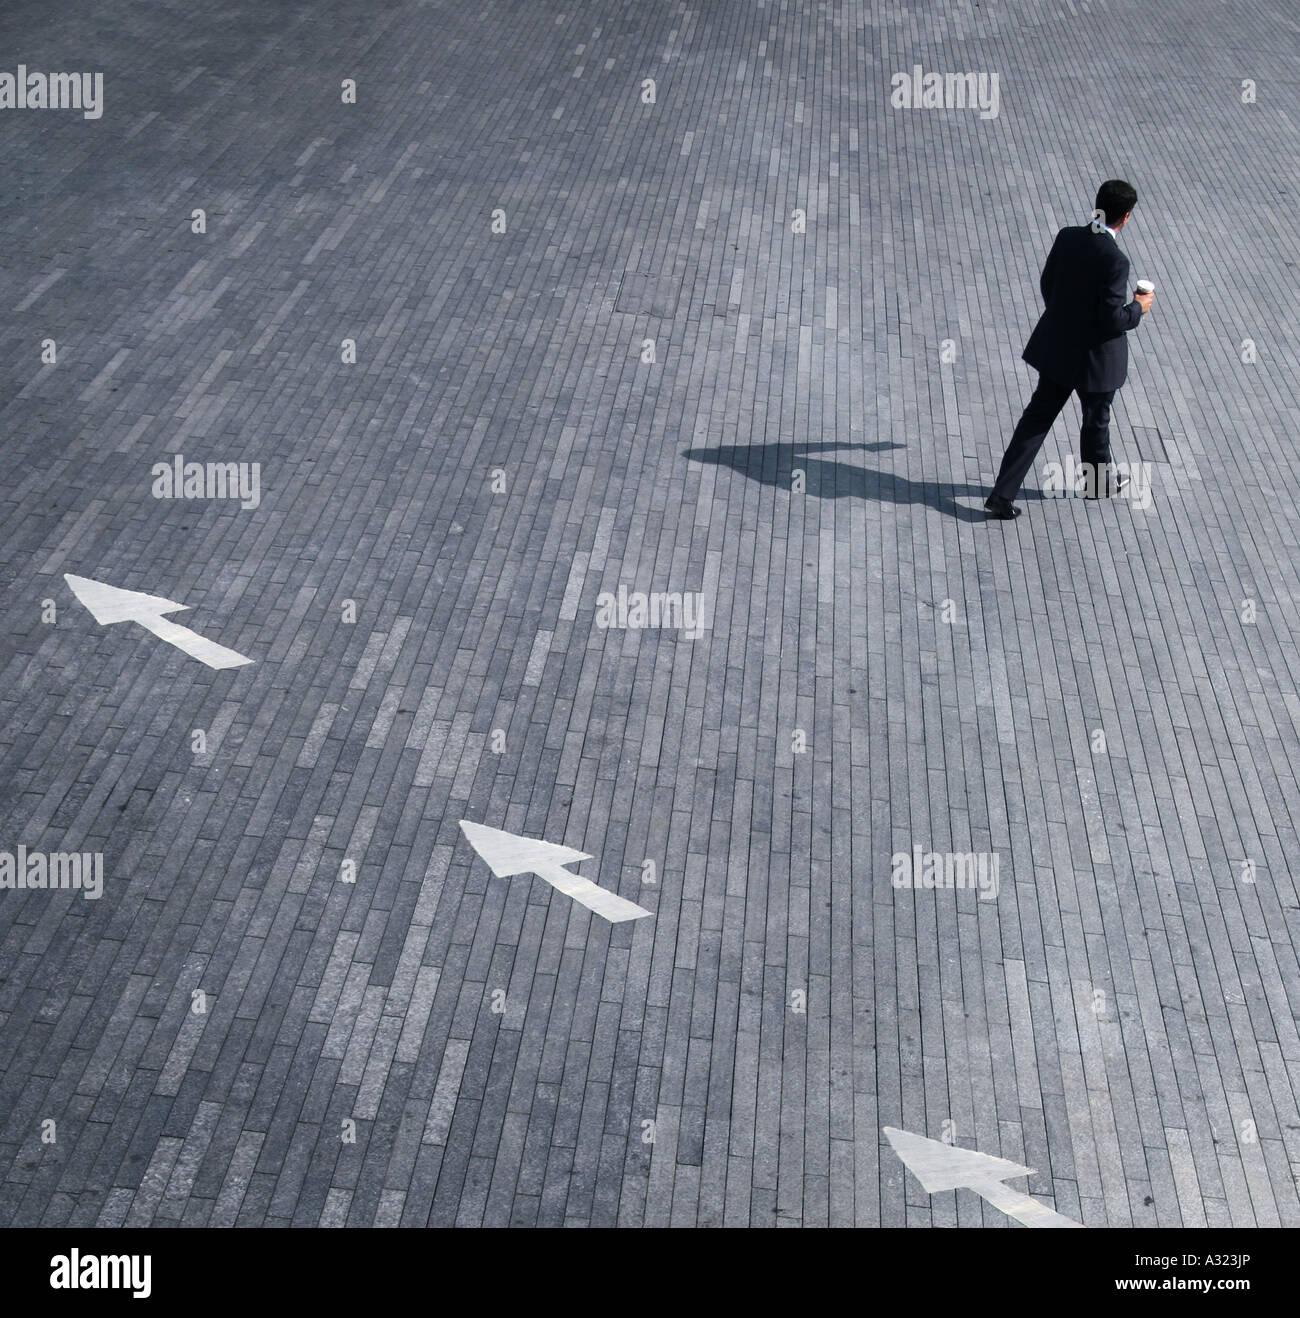 Concept d'entreprise d'un homme marchant dans la direction opposée de flèches Photo Stock